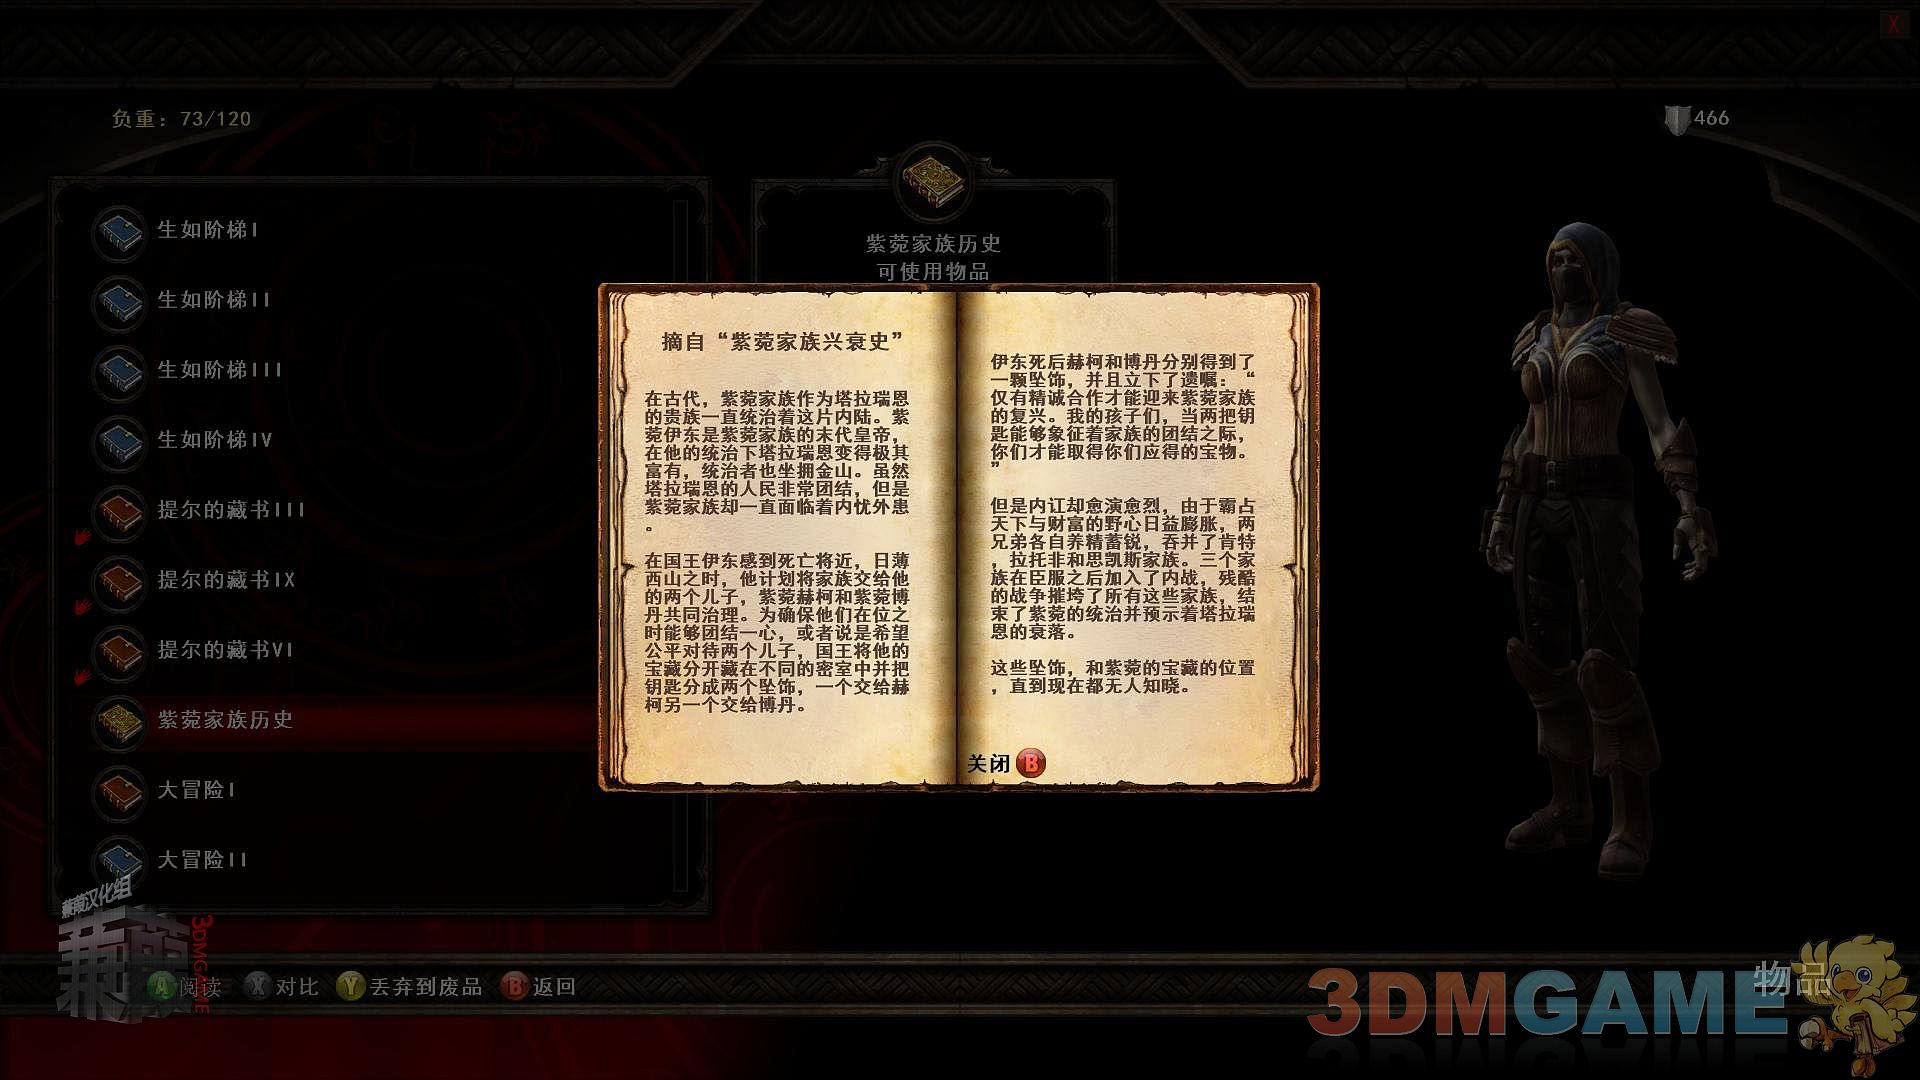 《阿玛拉王国:惩罚》v1.0dc120126修正升级档[THETA]